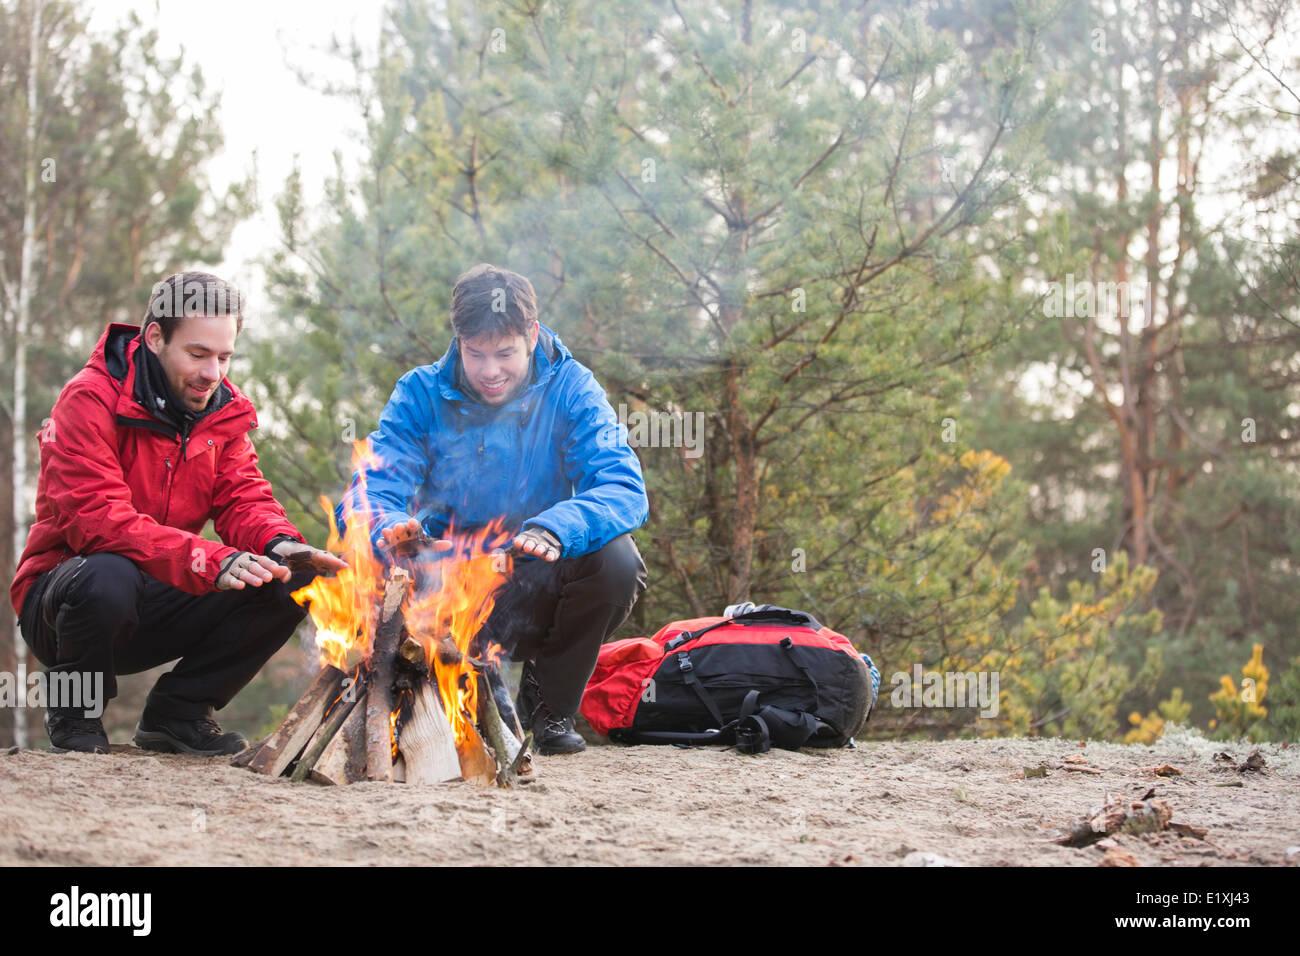 Männliche Rucksacktouristen, die Erwärmung der Hände am Lagerfeuer im Wald Stockbild